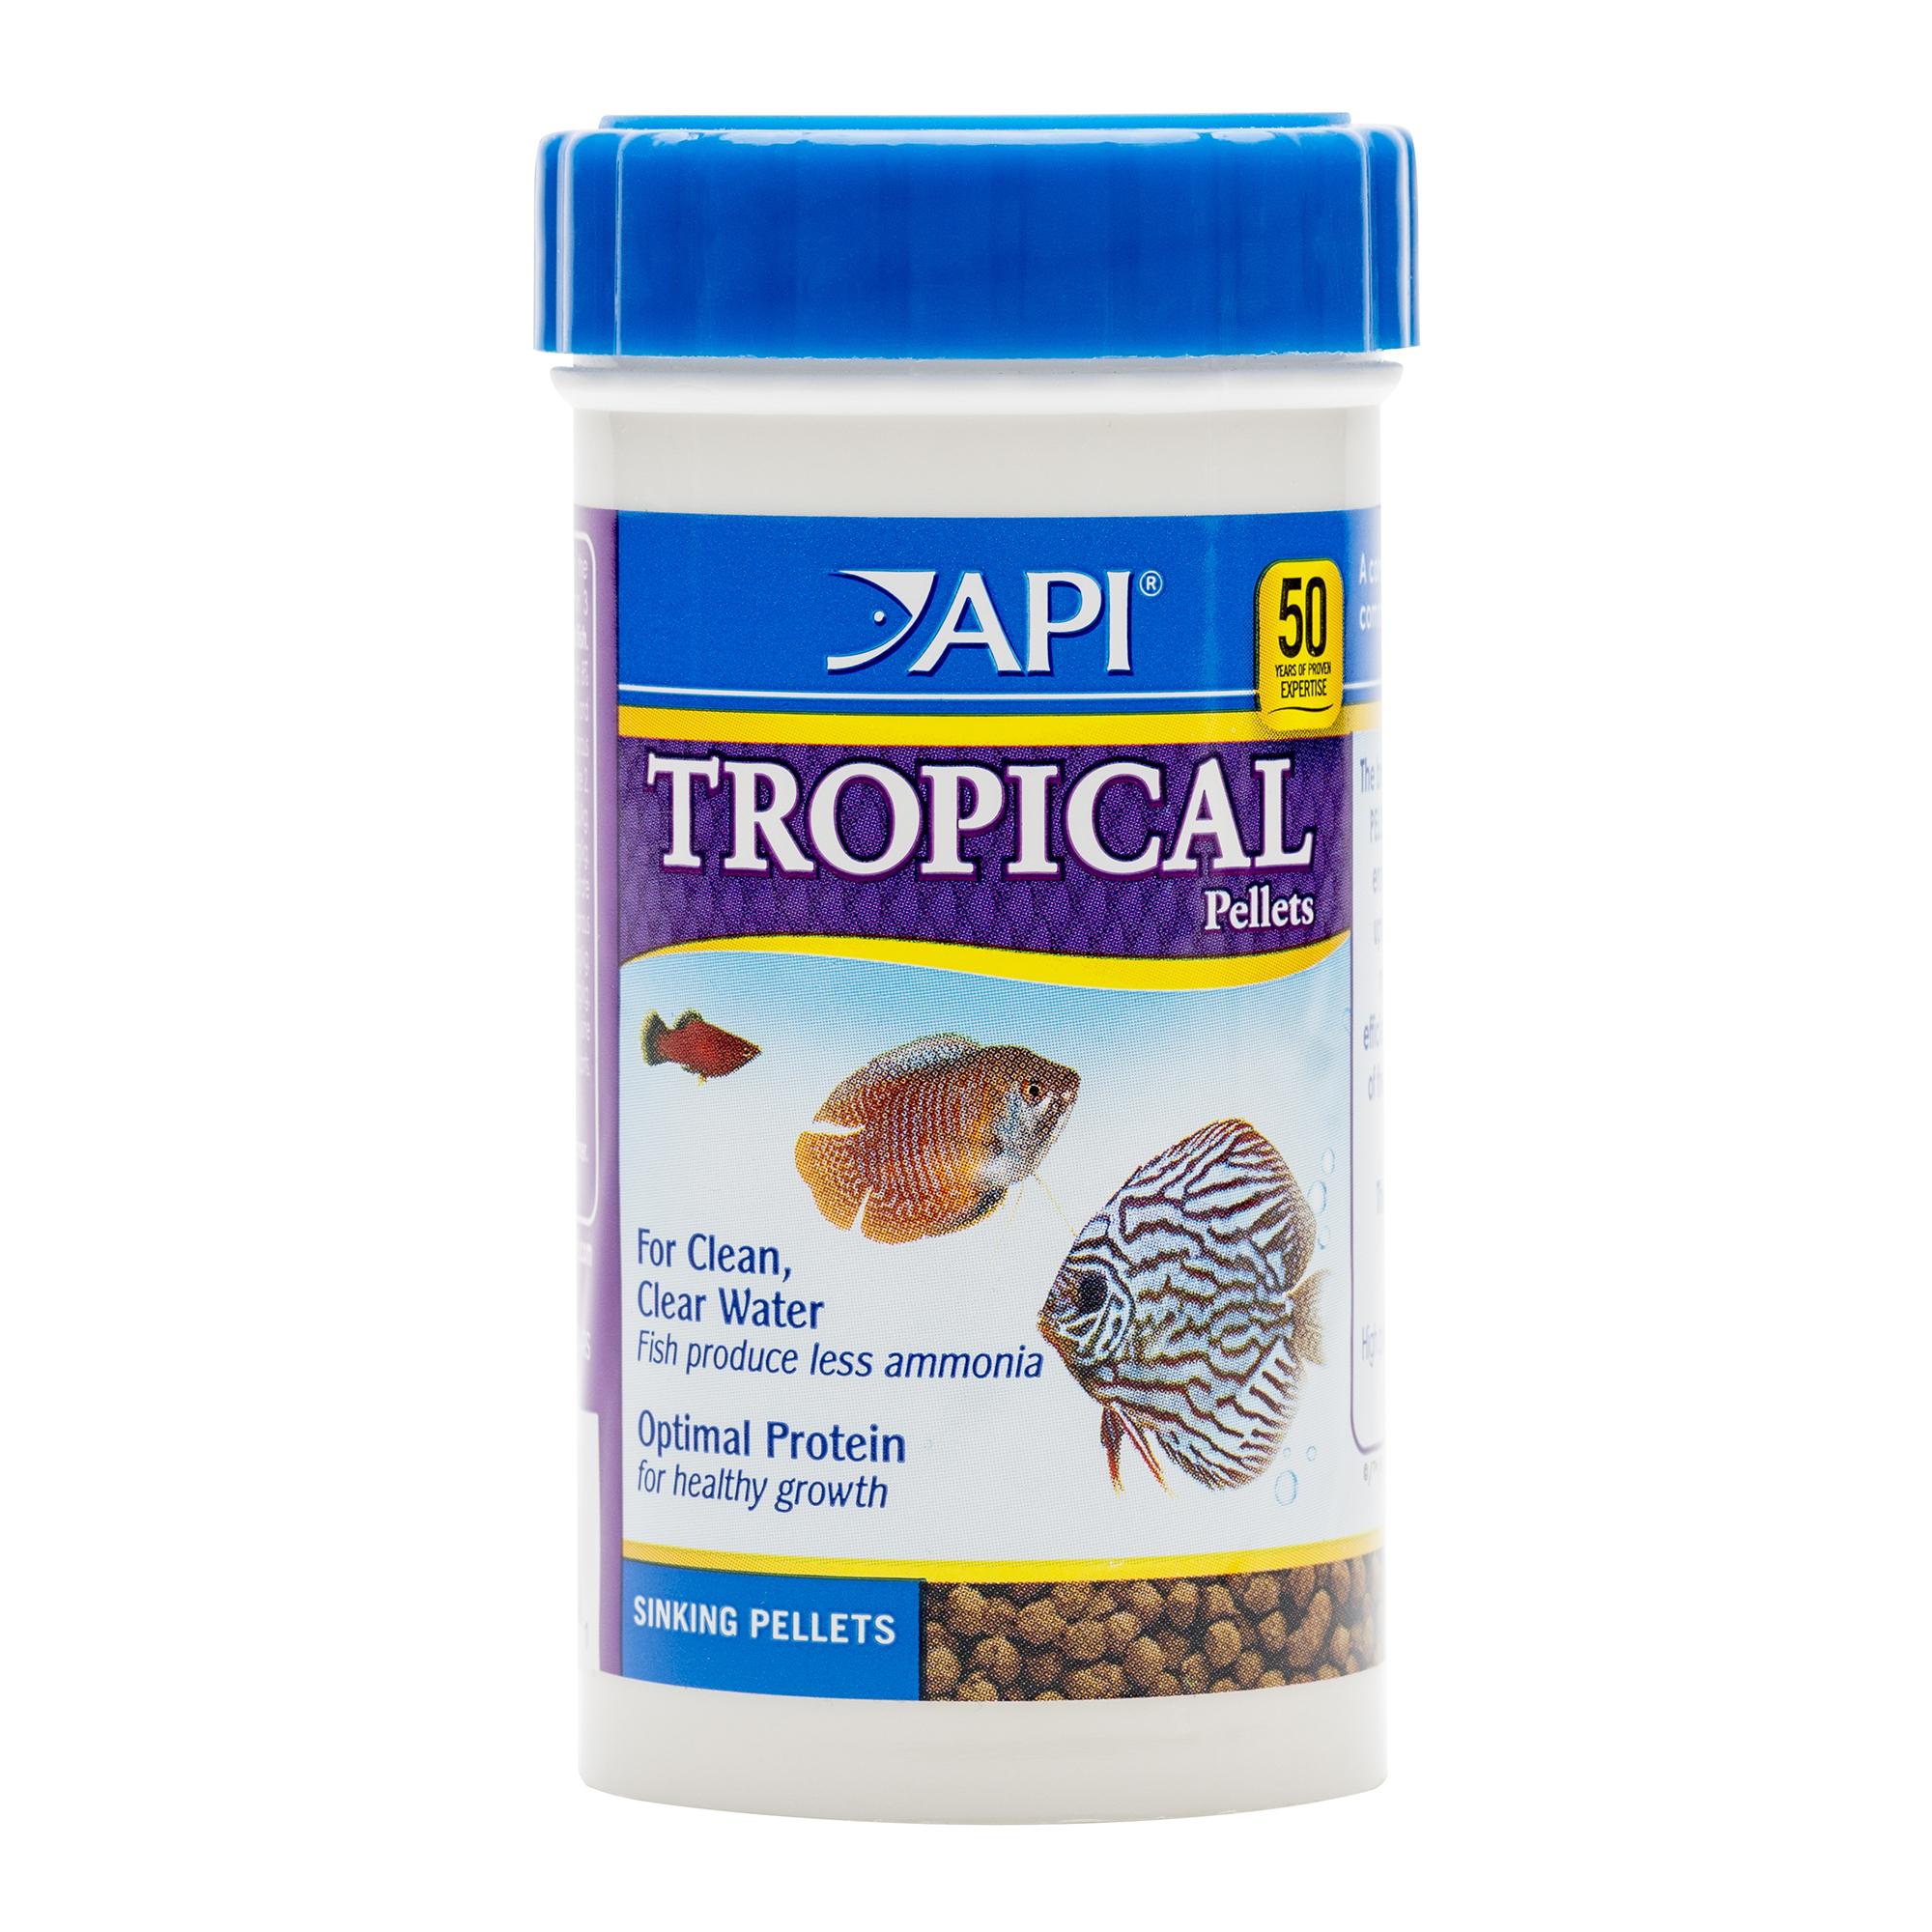 API TROPICAL PELLETS Sinking Pellets Fish Food